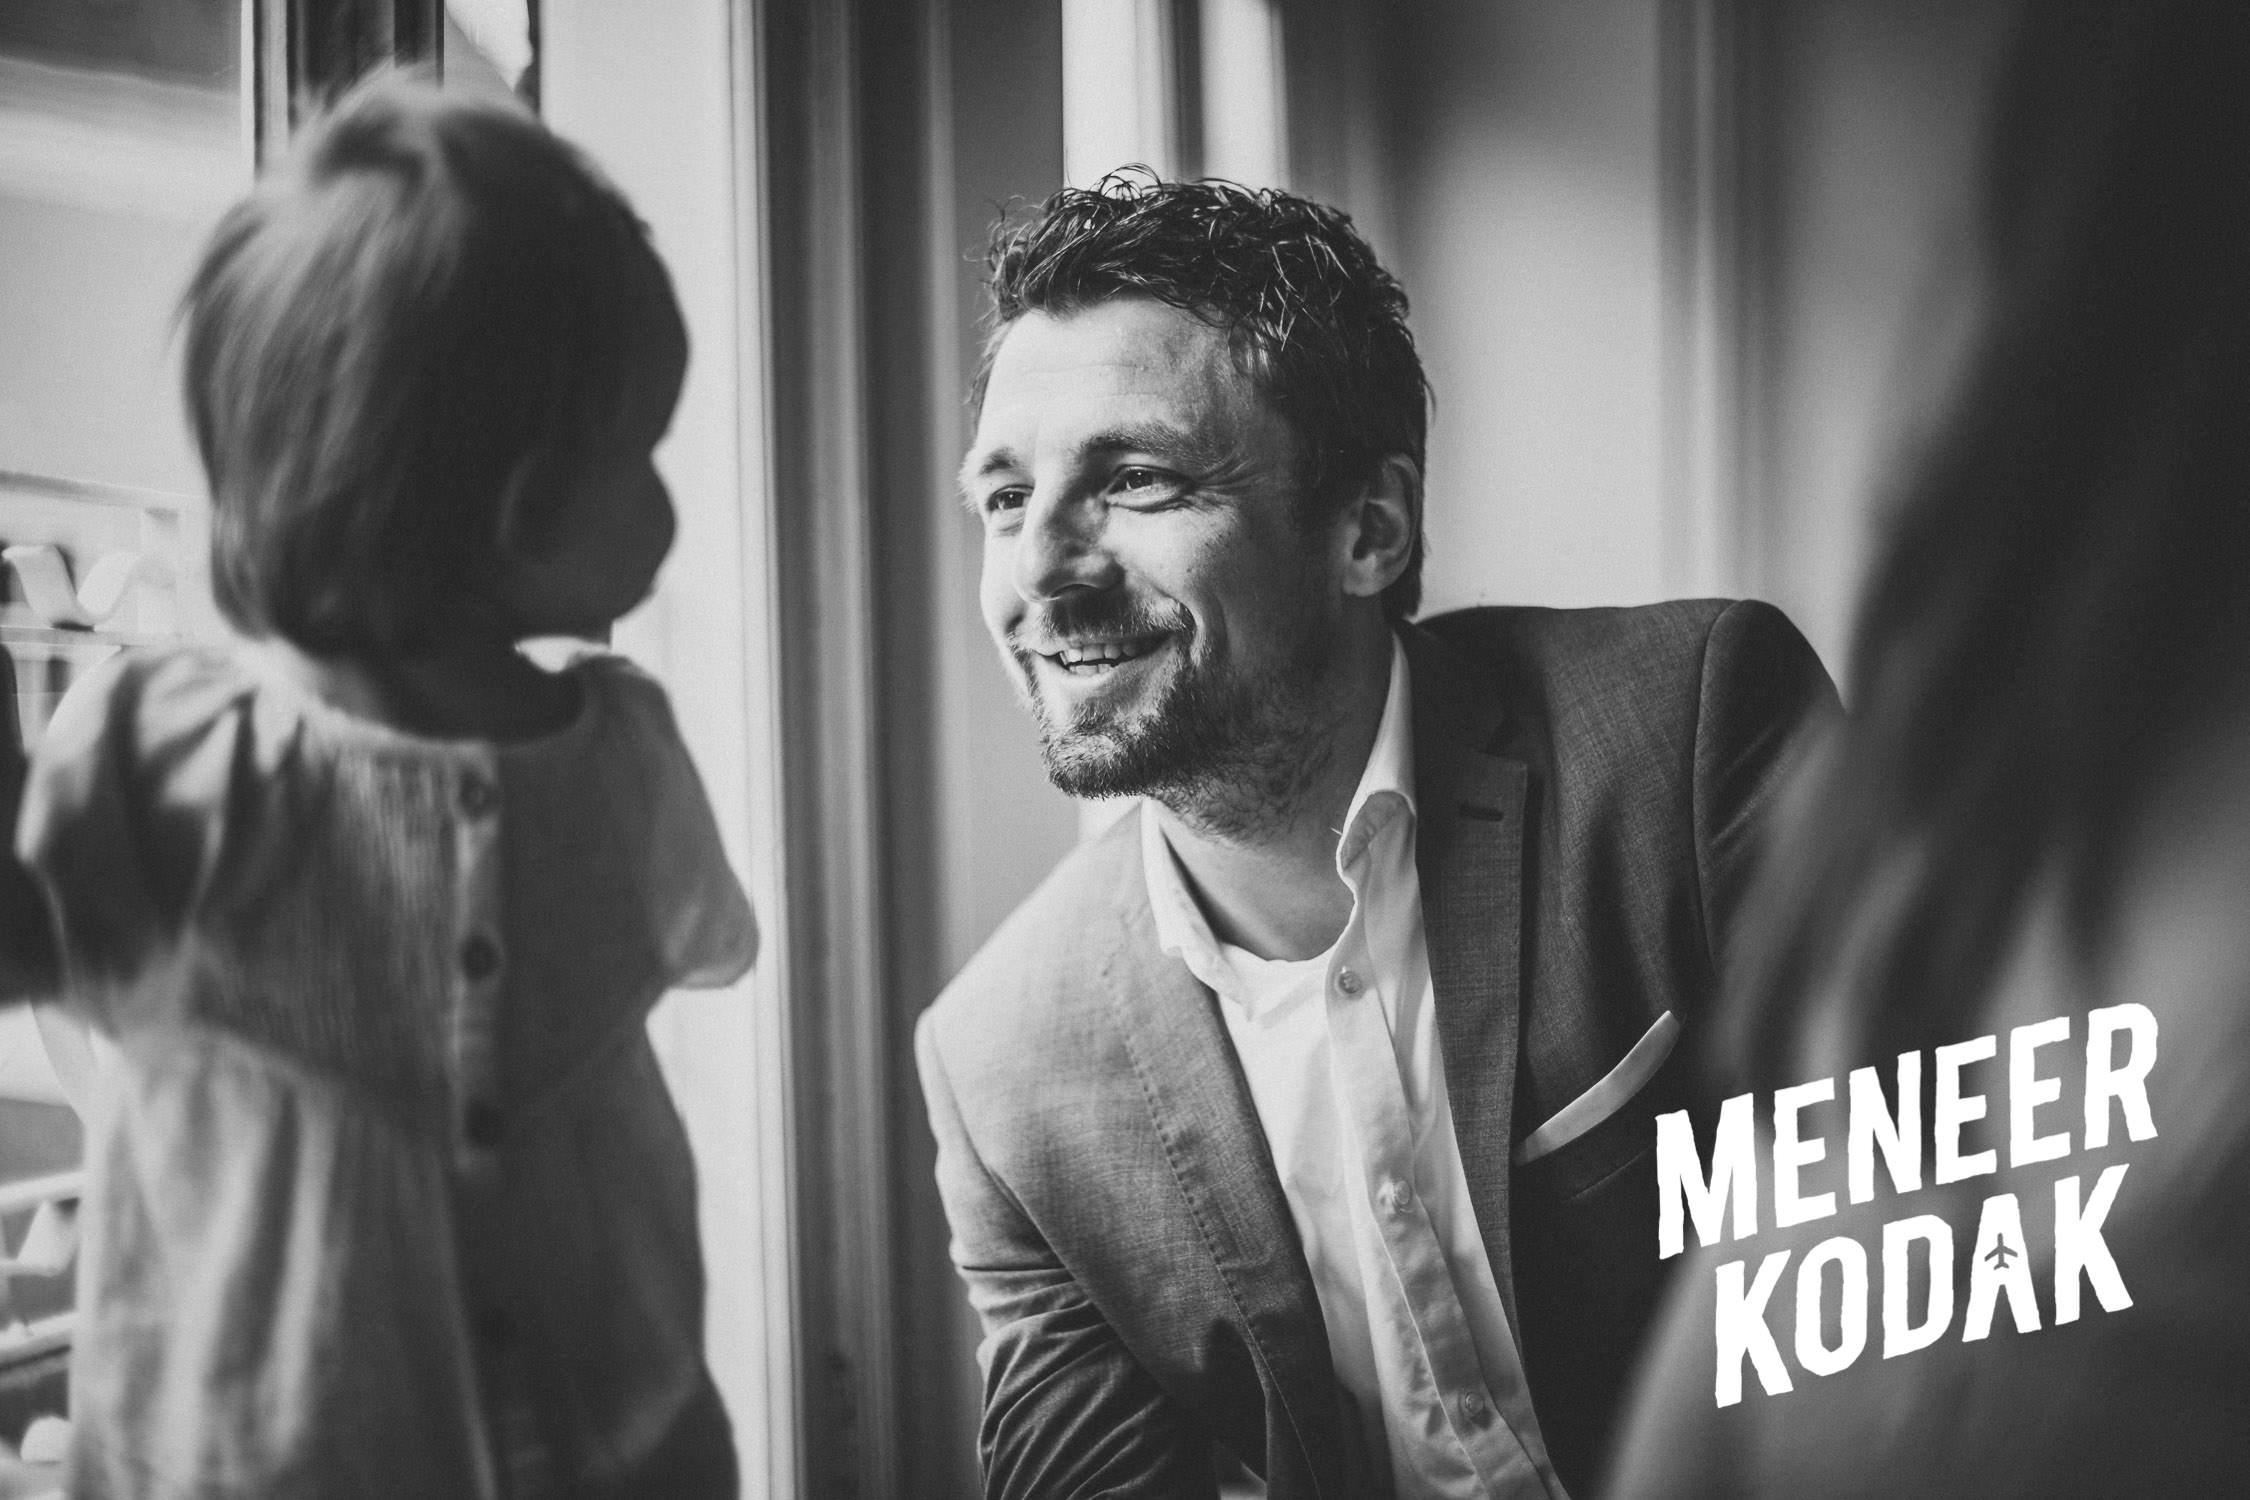 Meneer Kodak - Bruidsfotograaf - Roosendaal - A&D-079.jpg